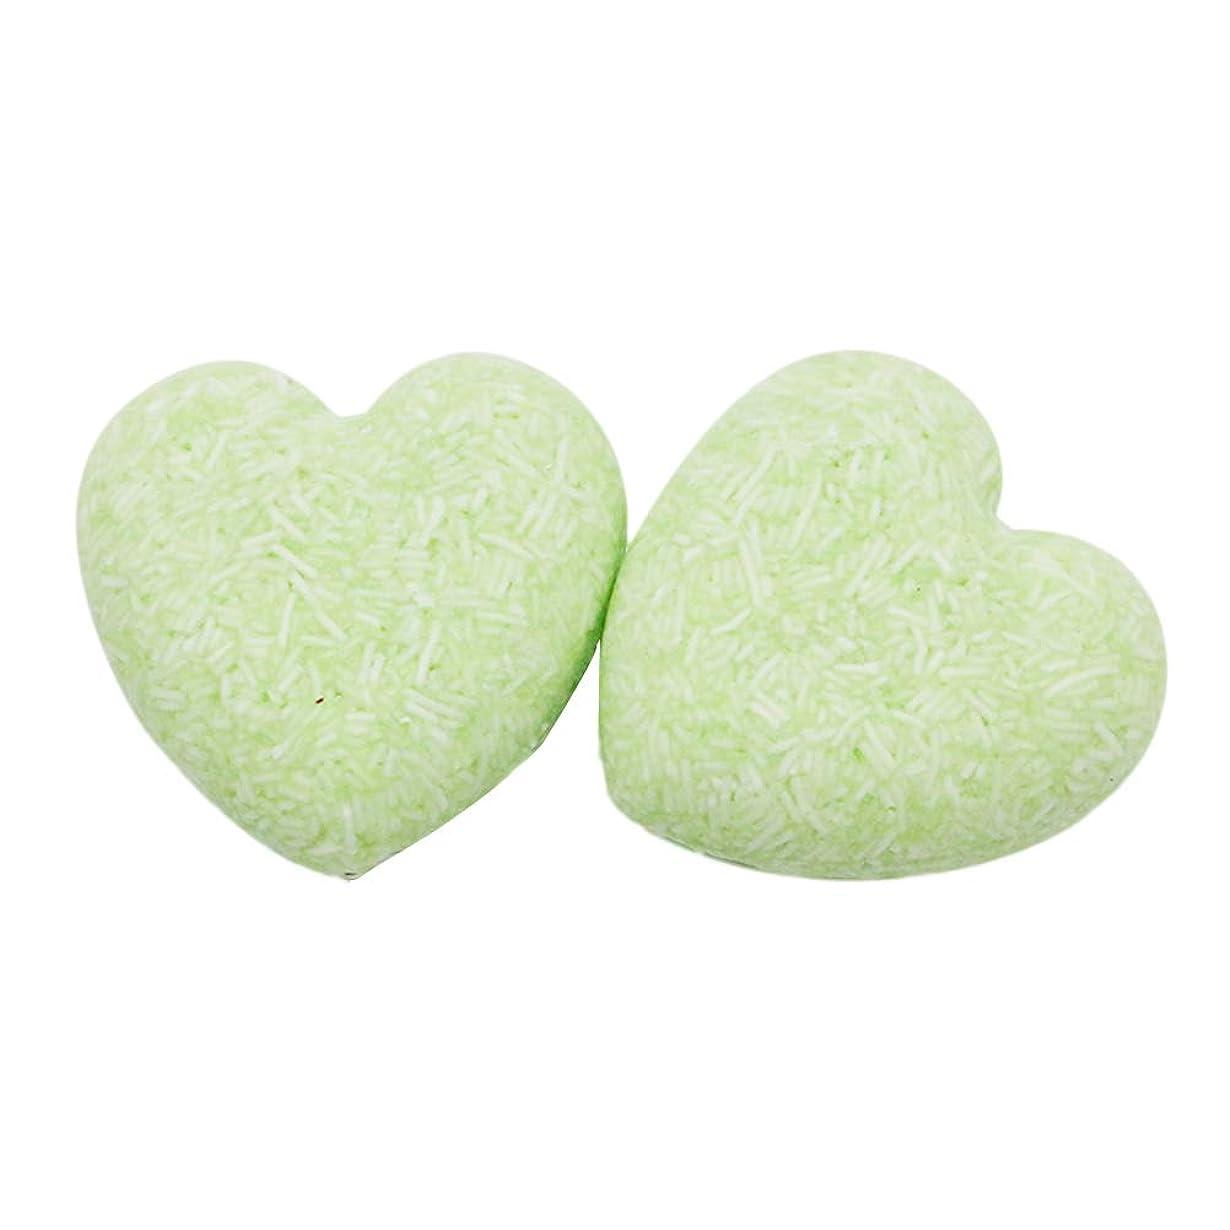 鼓舞する交じる学校教育Lurrose 2ピースヘアシャンプーバー石鹸栄養オイルコントロール育毛石鹸